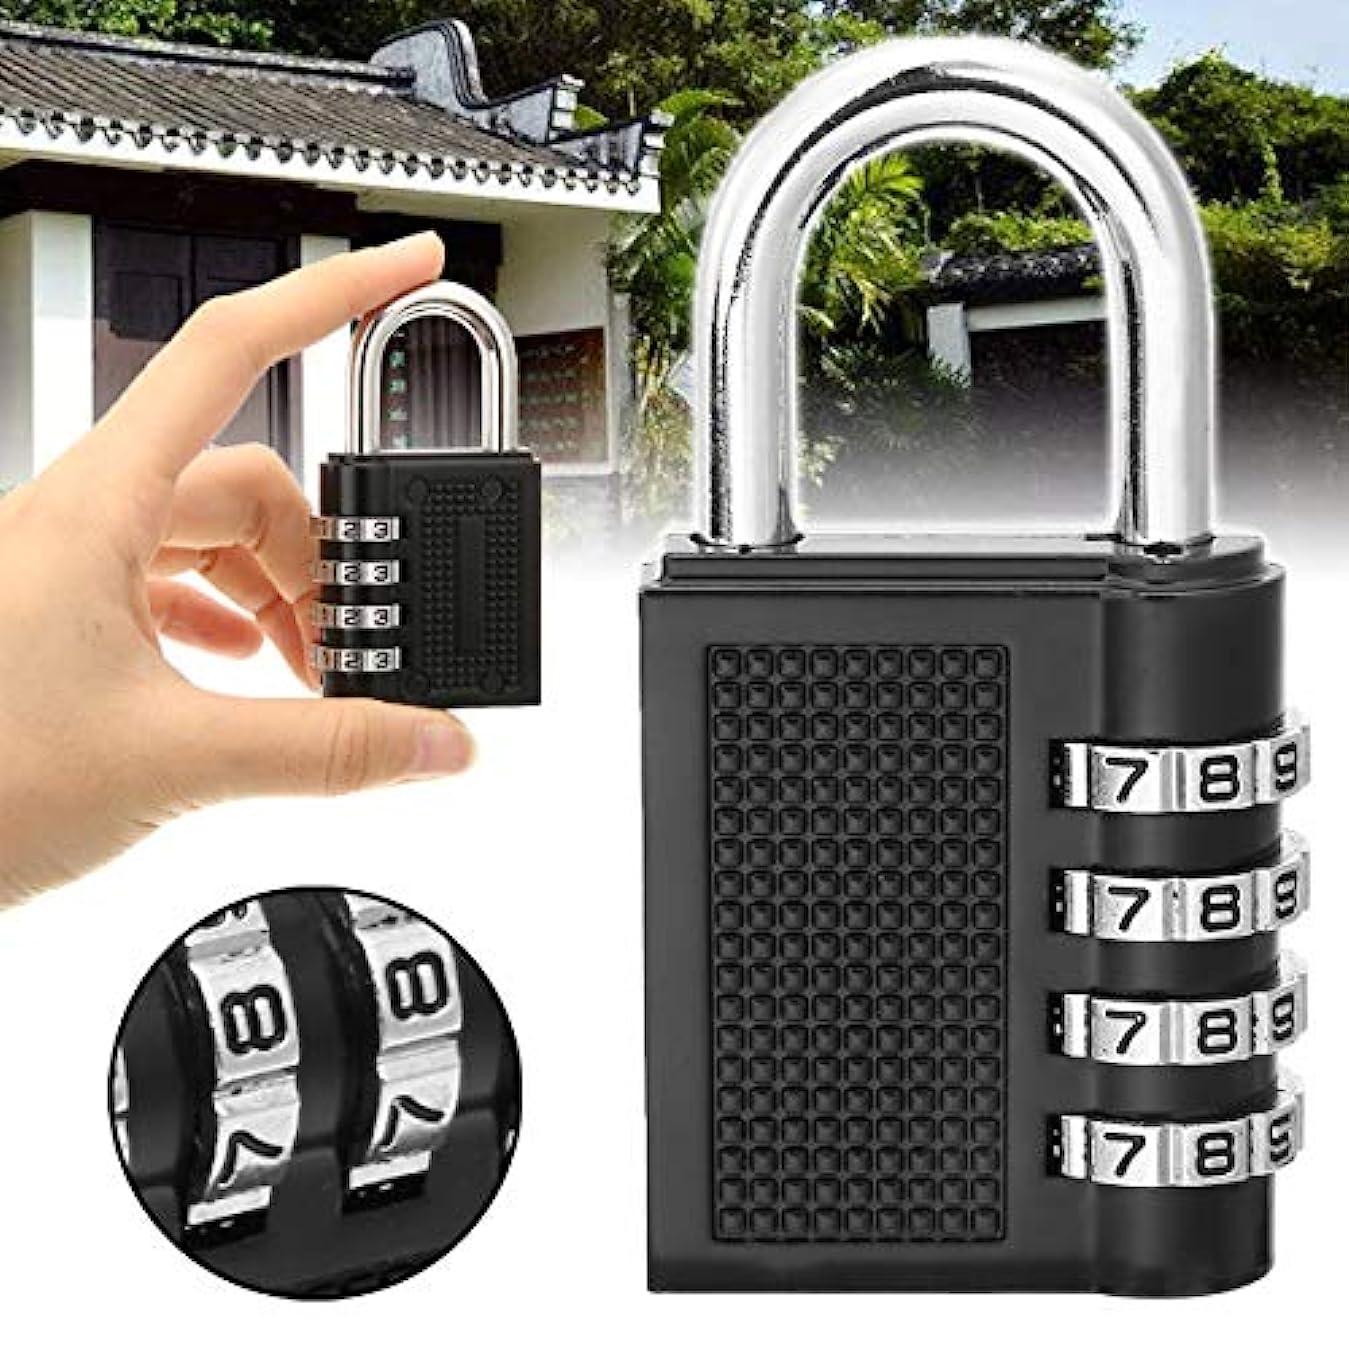 種類懲戒解釈的XHDD 80 * 43 * 14ミリメートルの安全ヘビーデューティ4ダイヤル桁コンビネーションロック耐候性、セキュリティ南京錠屋外ジムコードロックブラック